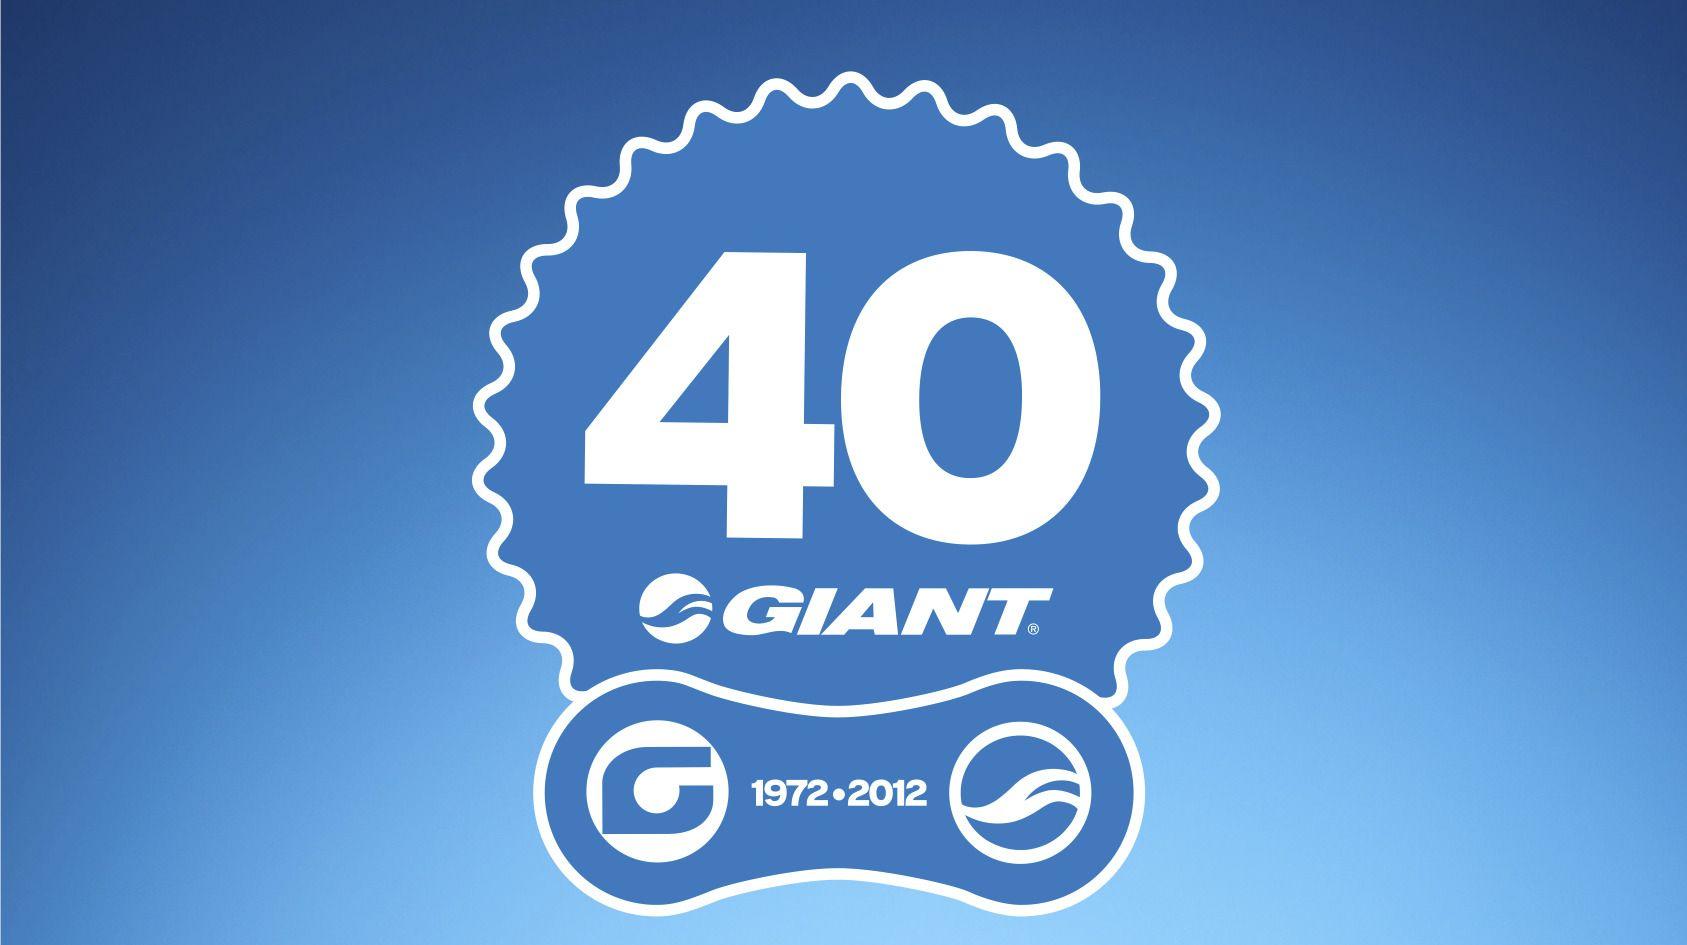 Concurs foto Giant